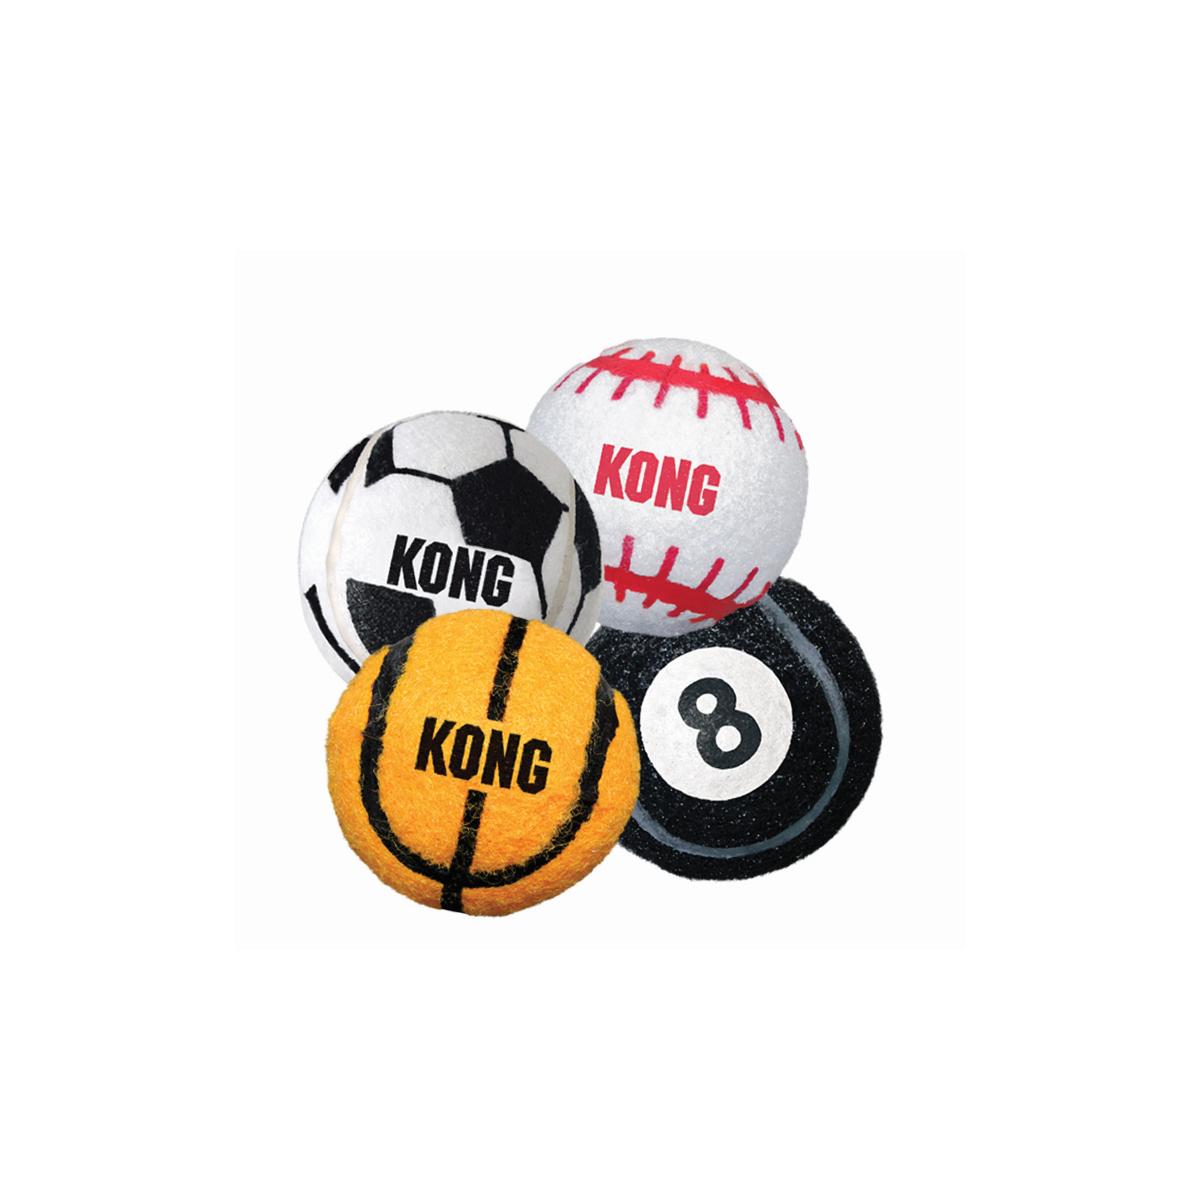 Kong - sport balls 3pk